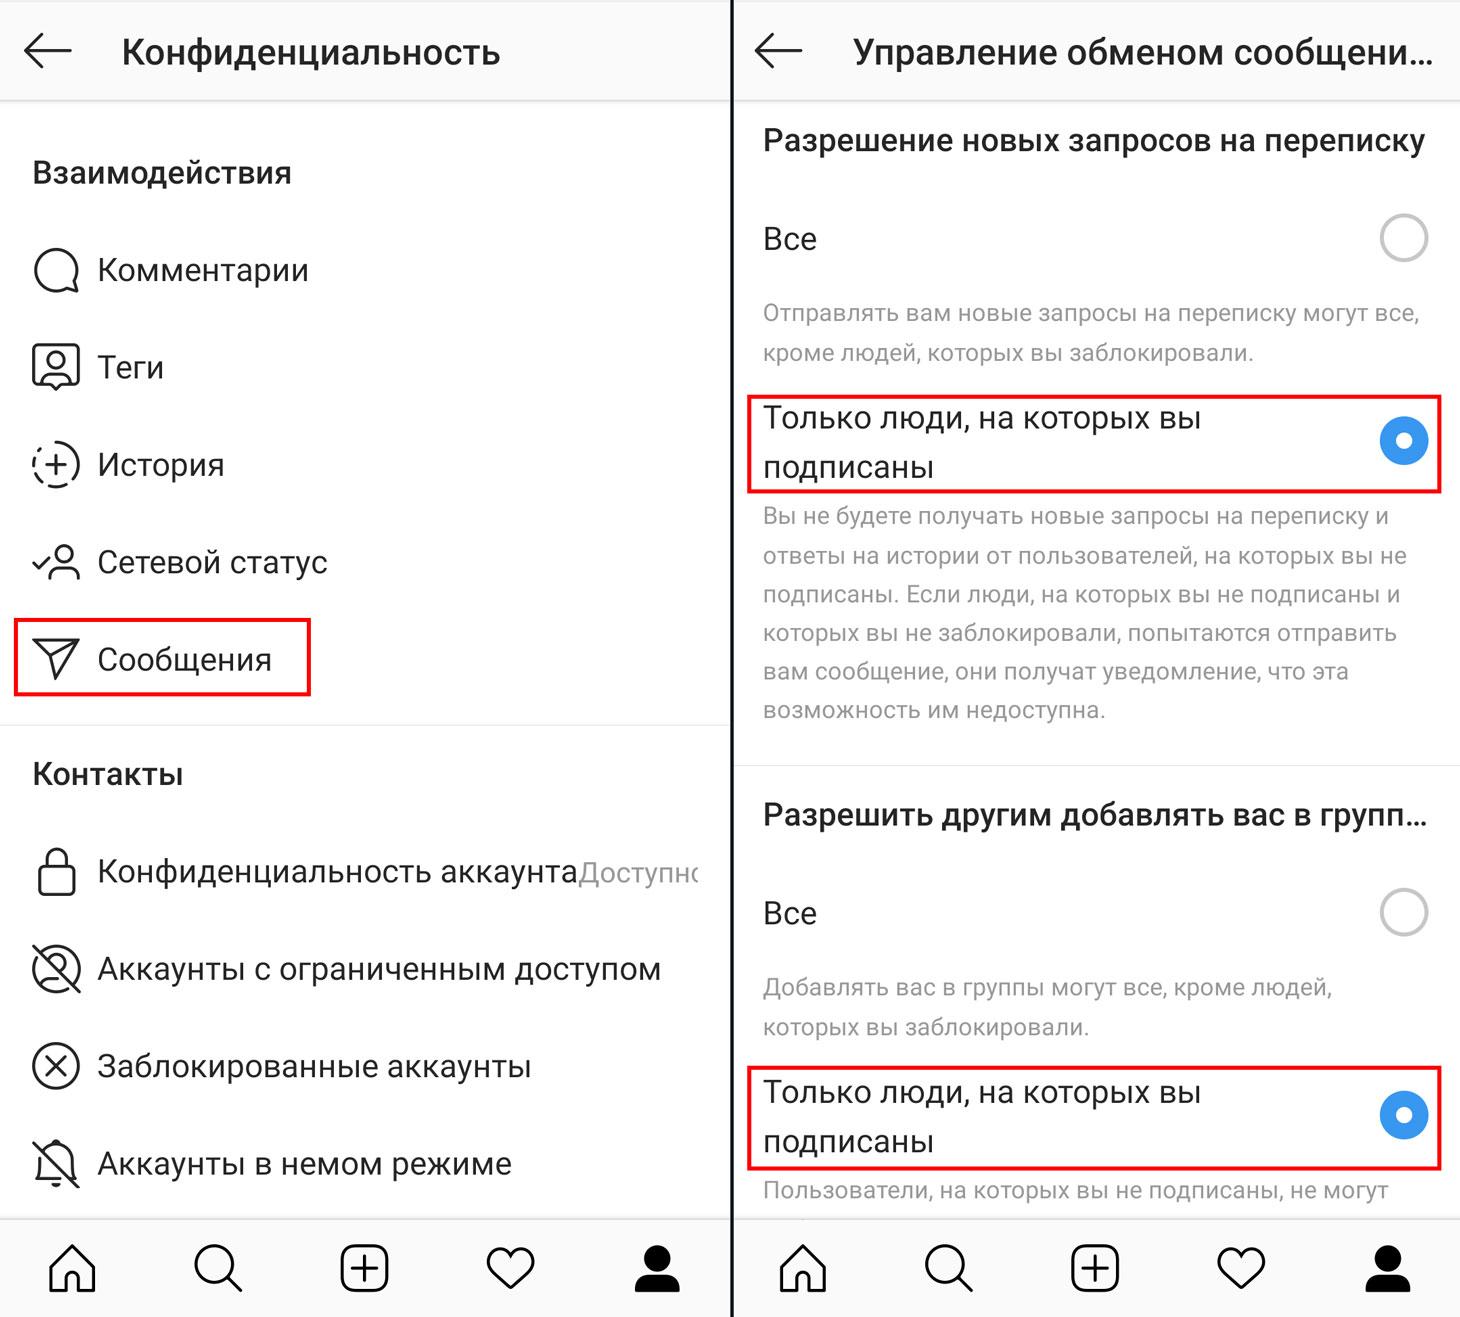 Как избавиться от спама в директ и добавления в левые группы в Instagram